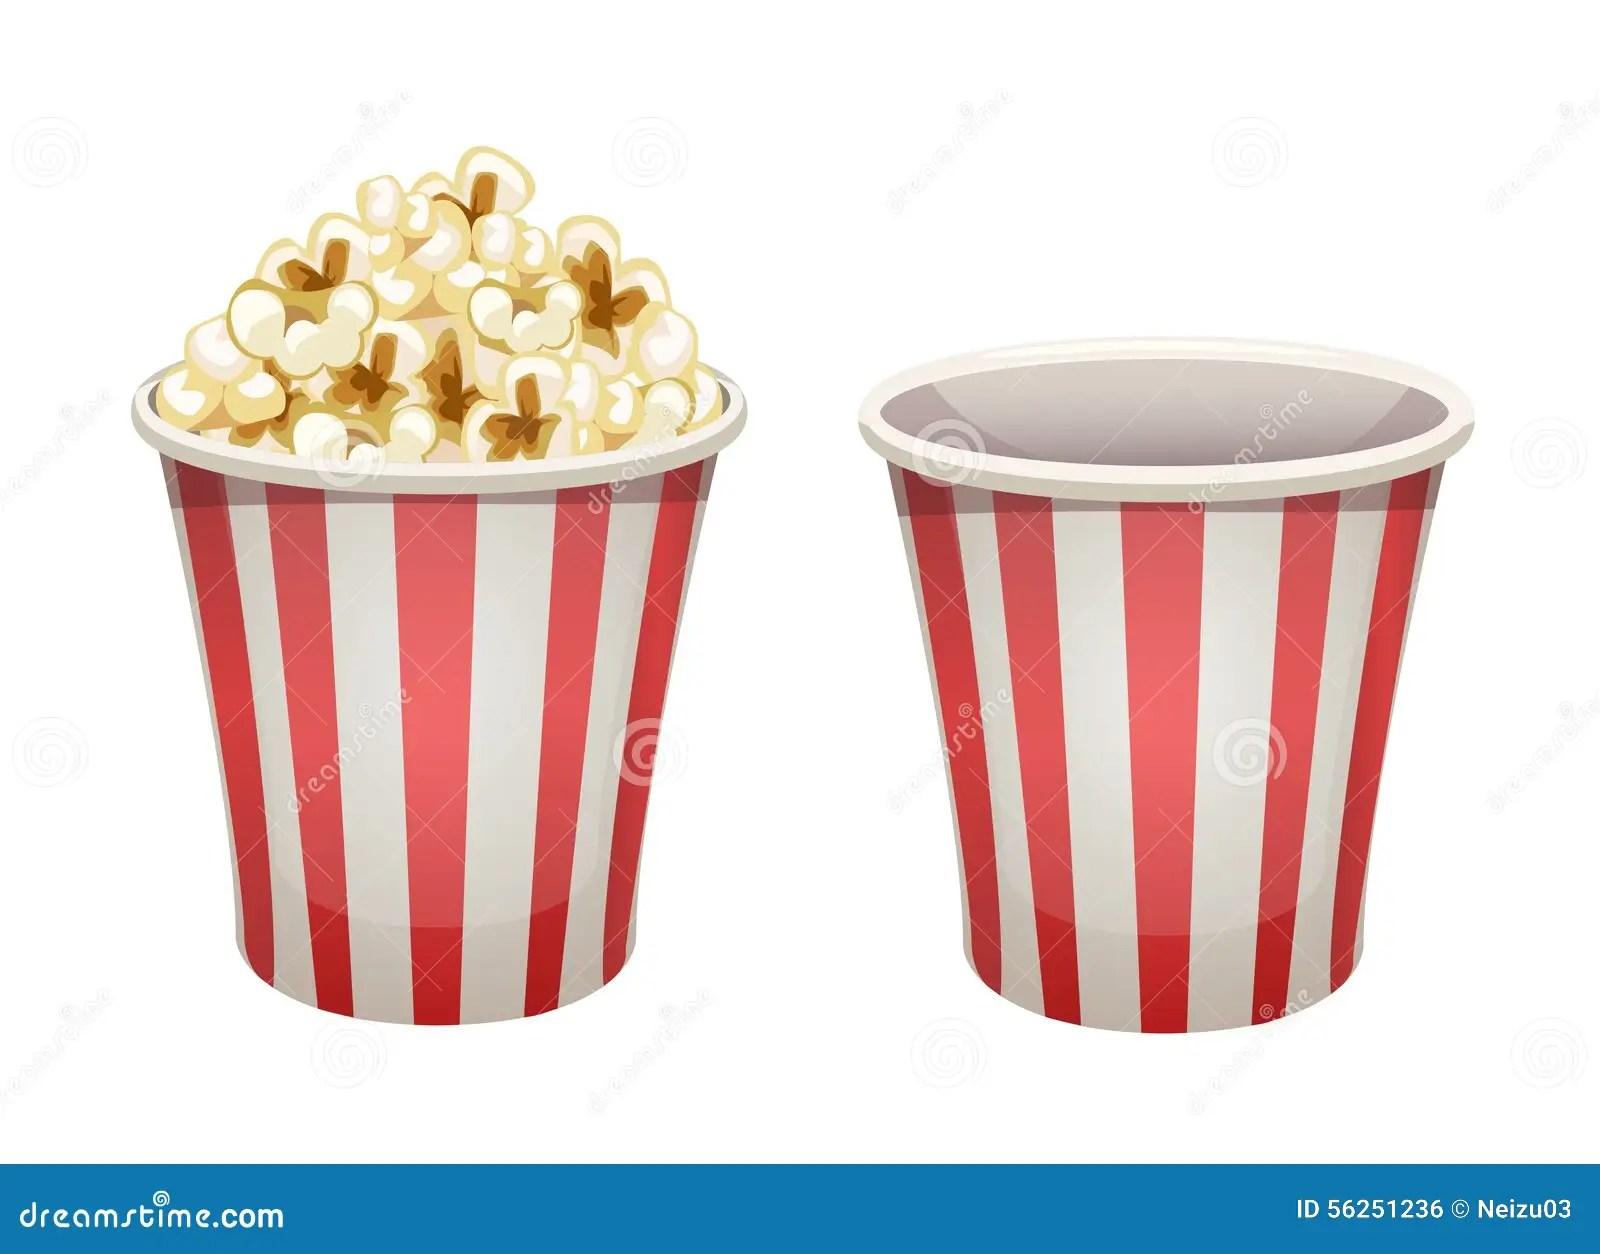 Secchio Del Popcorn Pieno E Vuoto Illustrazione Di Stock